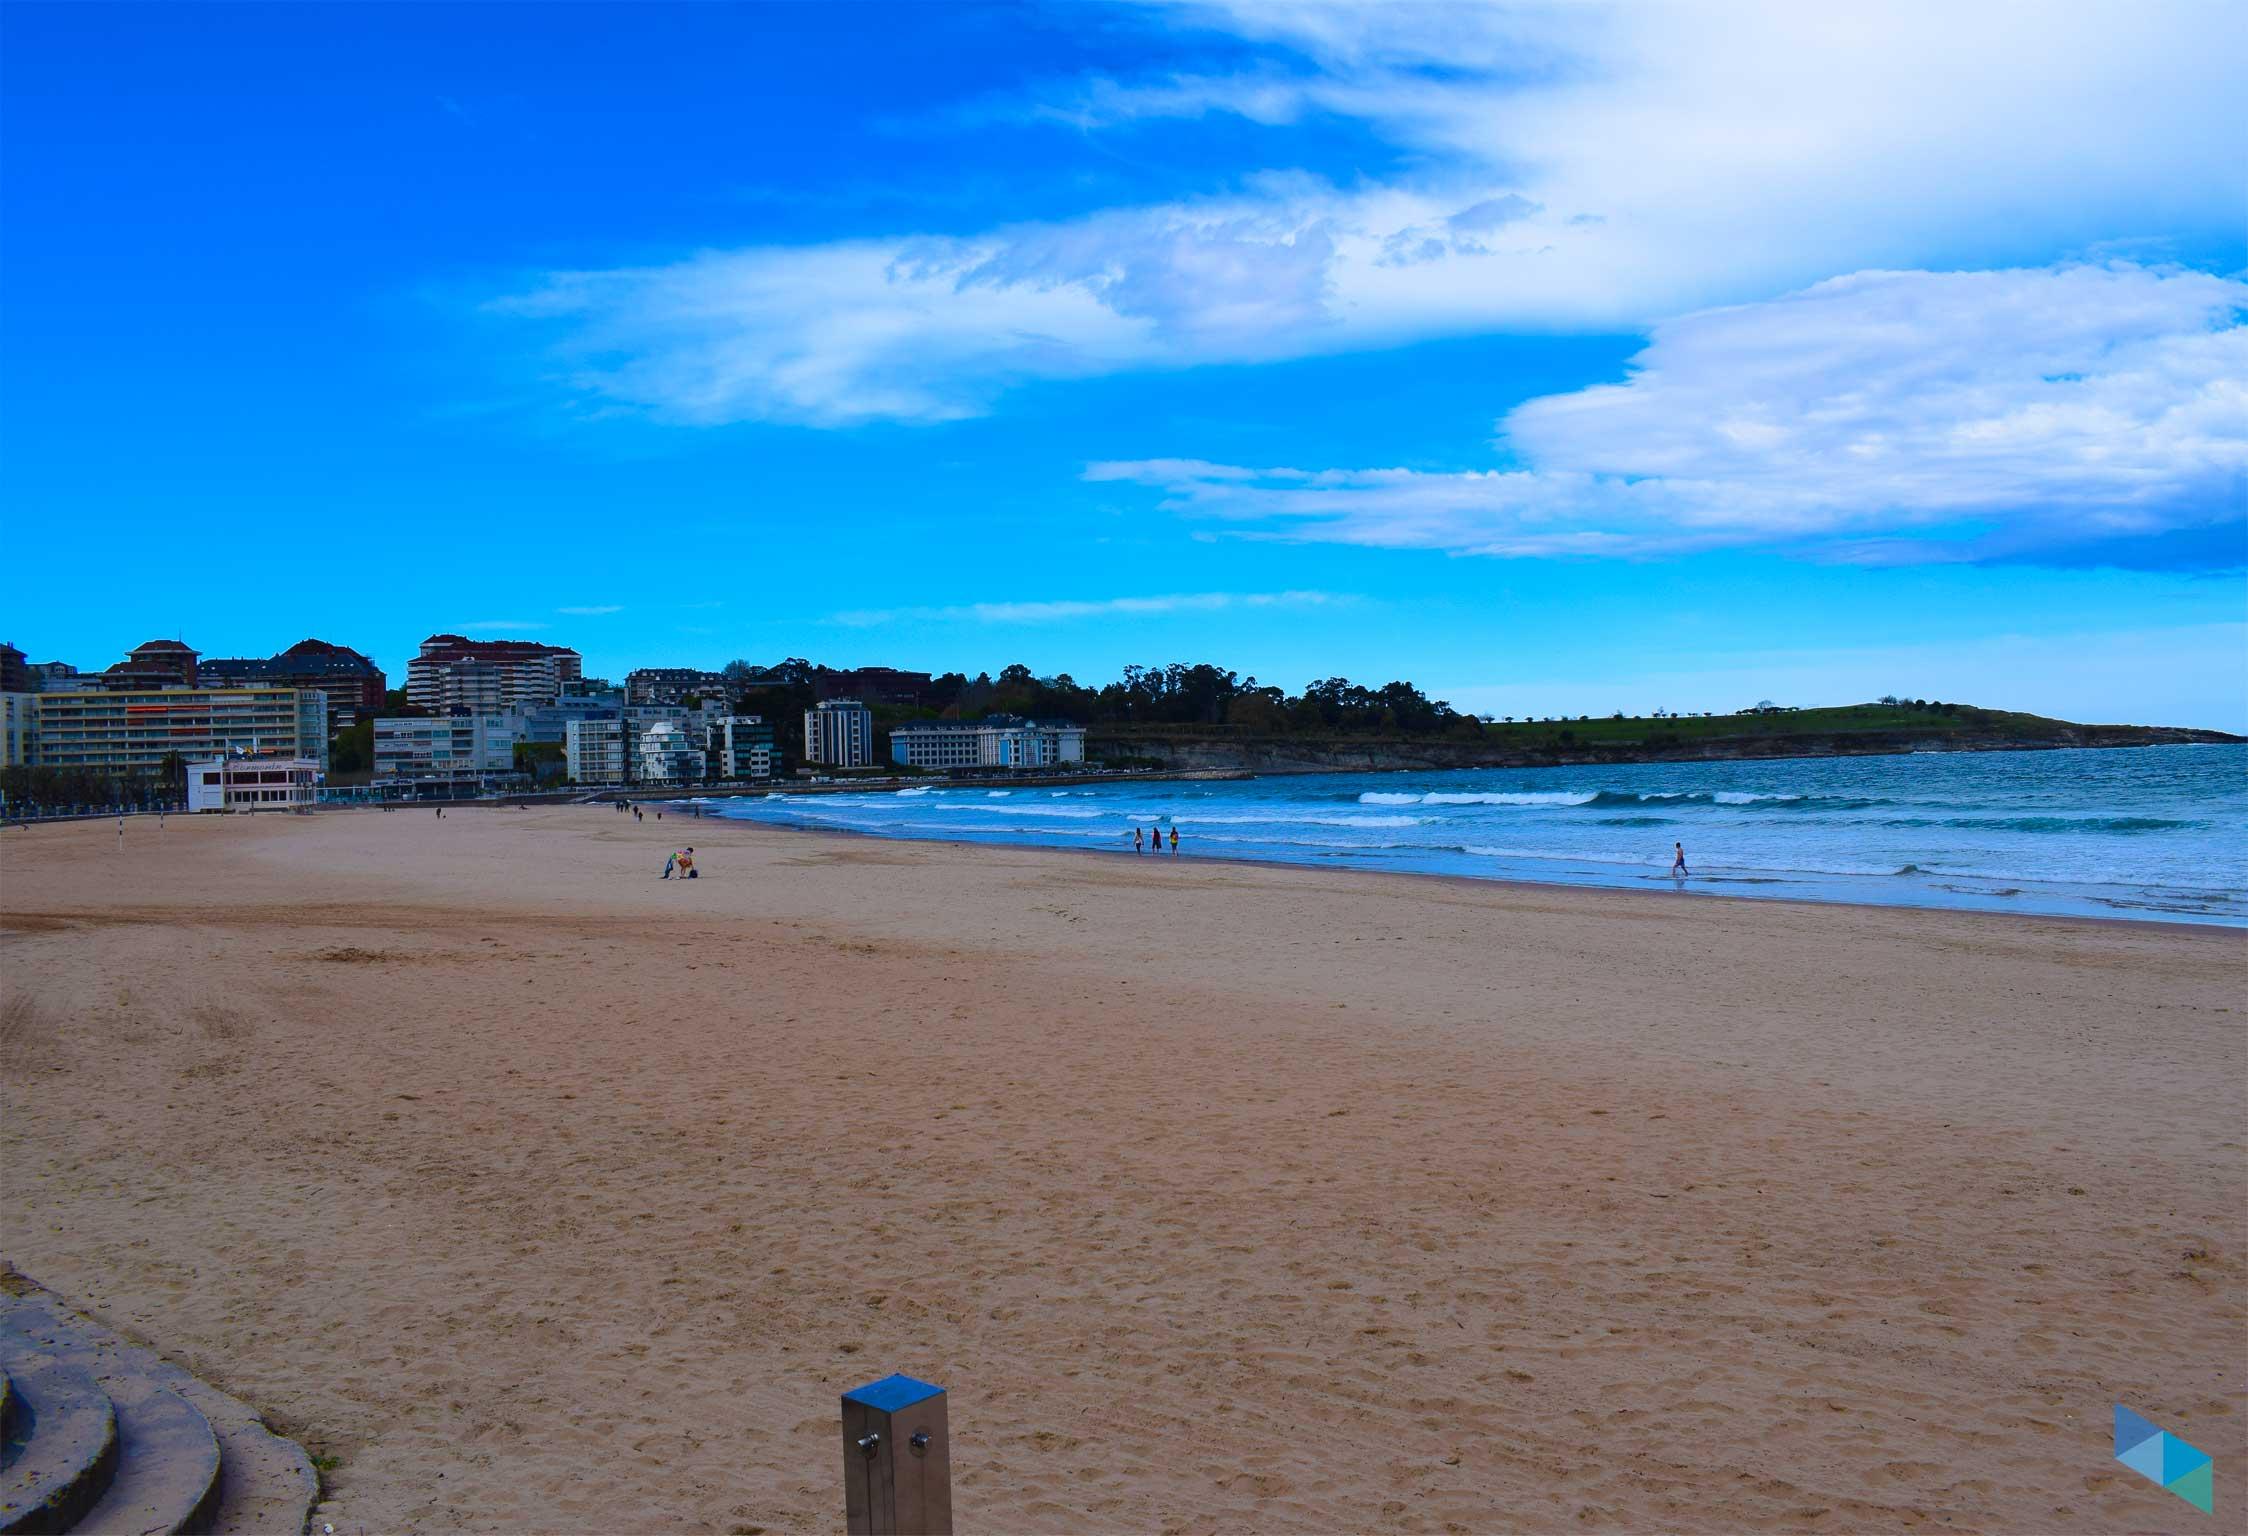 Segunda playa del Sardinero panoramica